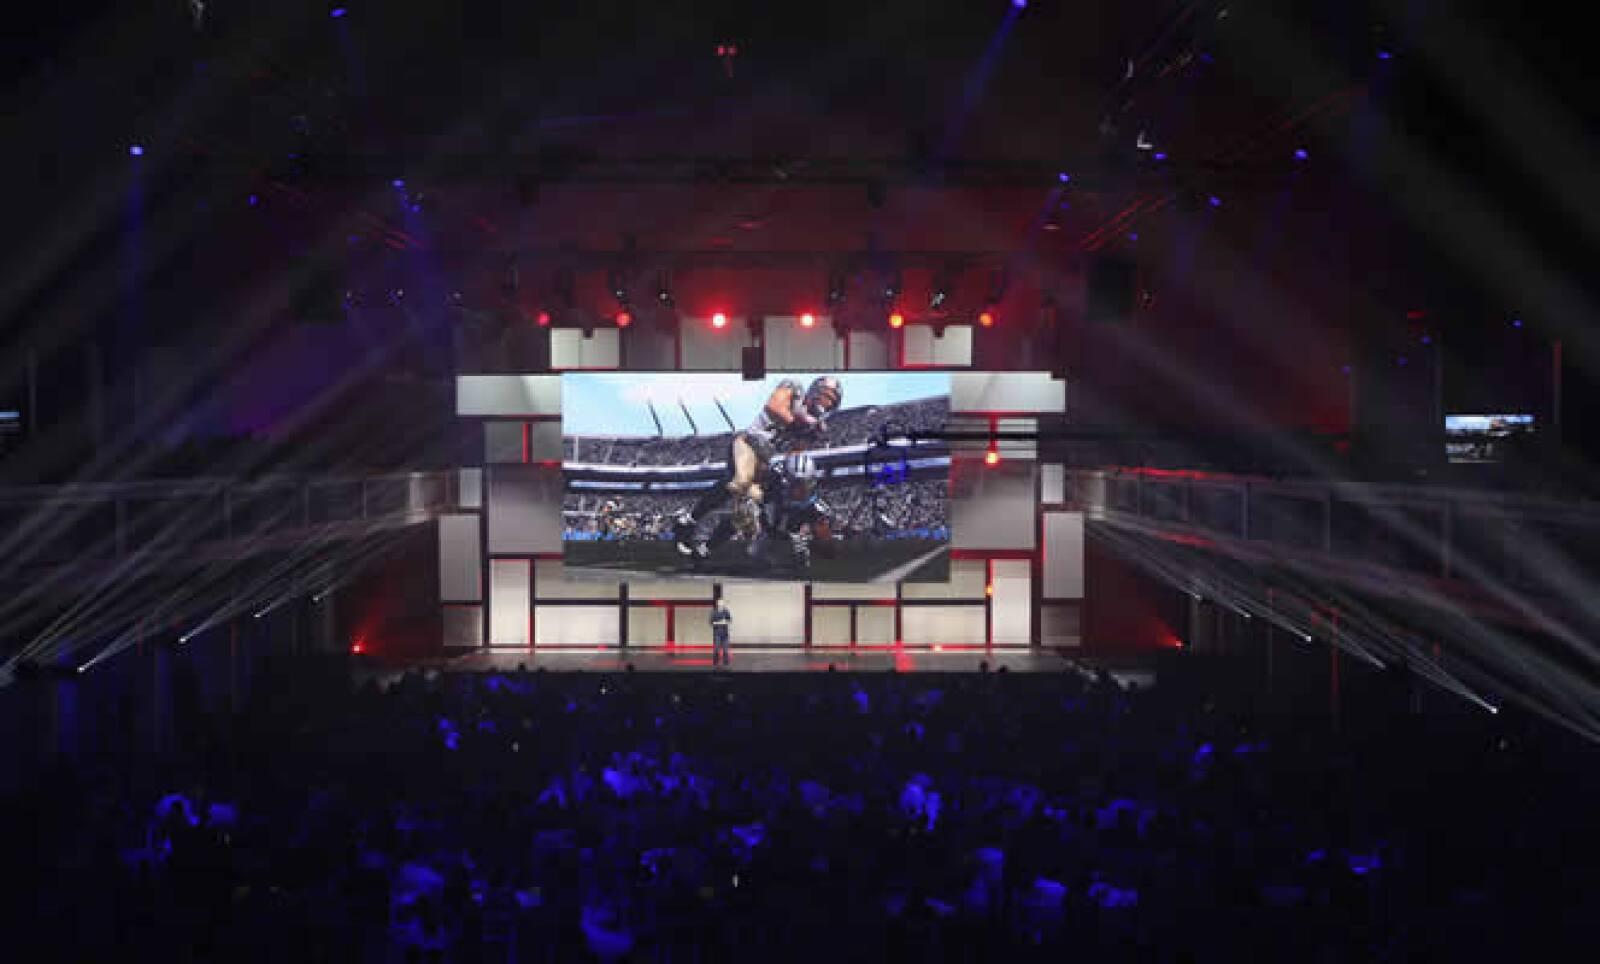 Los amantes del futbol americano virtual disfrutarán de una nueva distribución en las cámaras que siguen los movimientos de los jugadores en la nueva entrega.